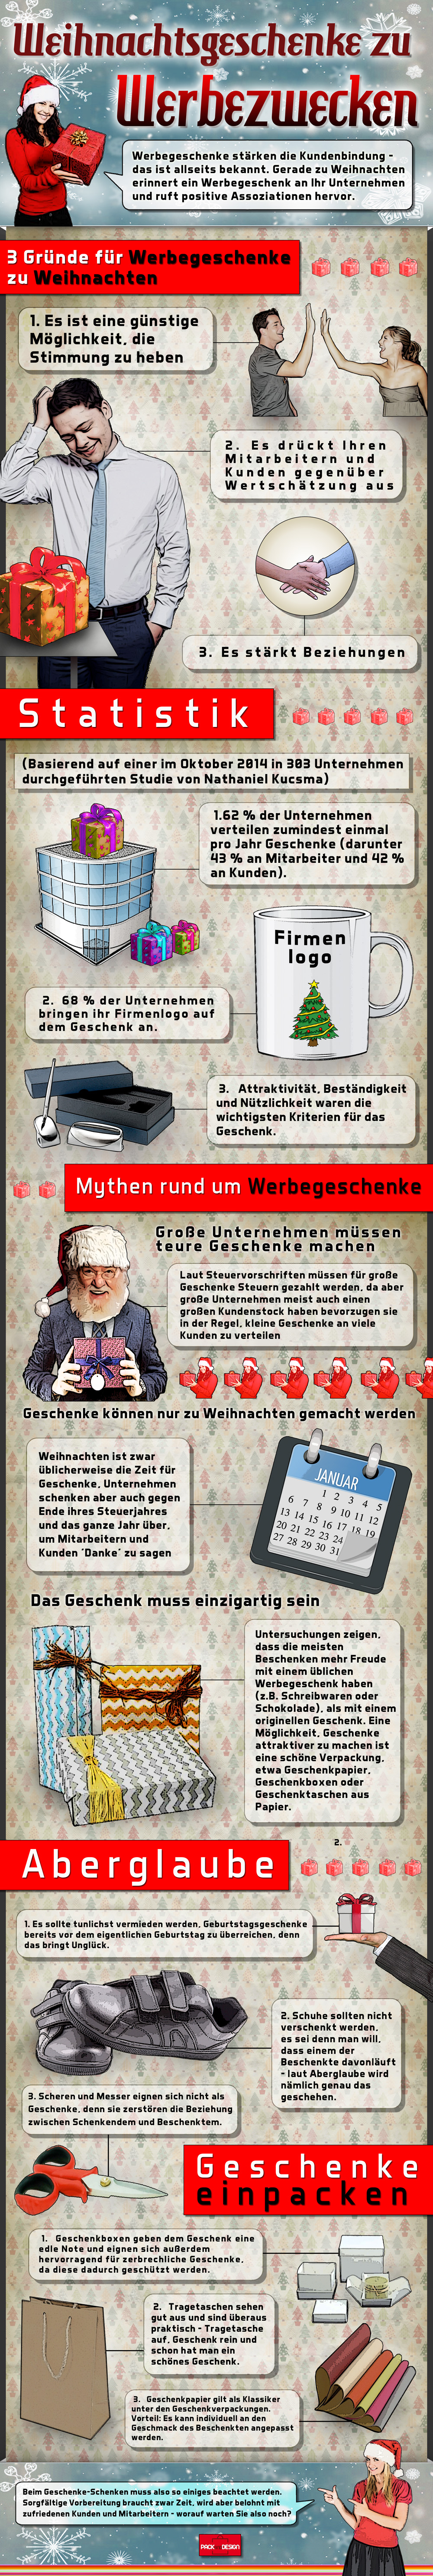 Edle Weihnachtsgeschenke.Weihnachtsgeschenke Zu Werbezwecken Pack And Design